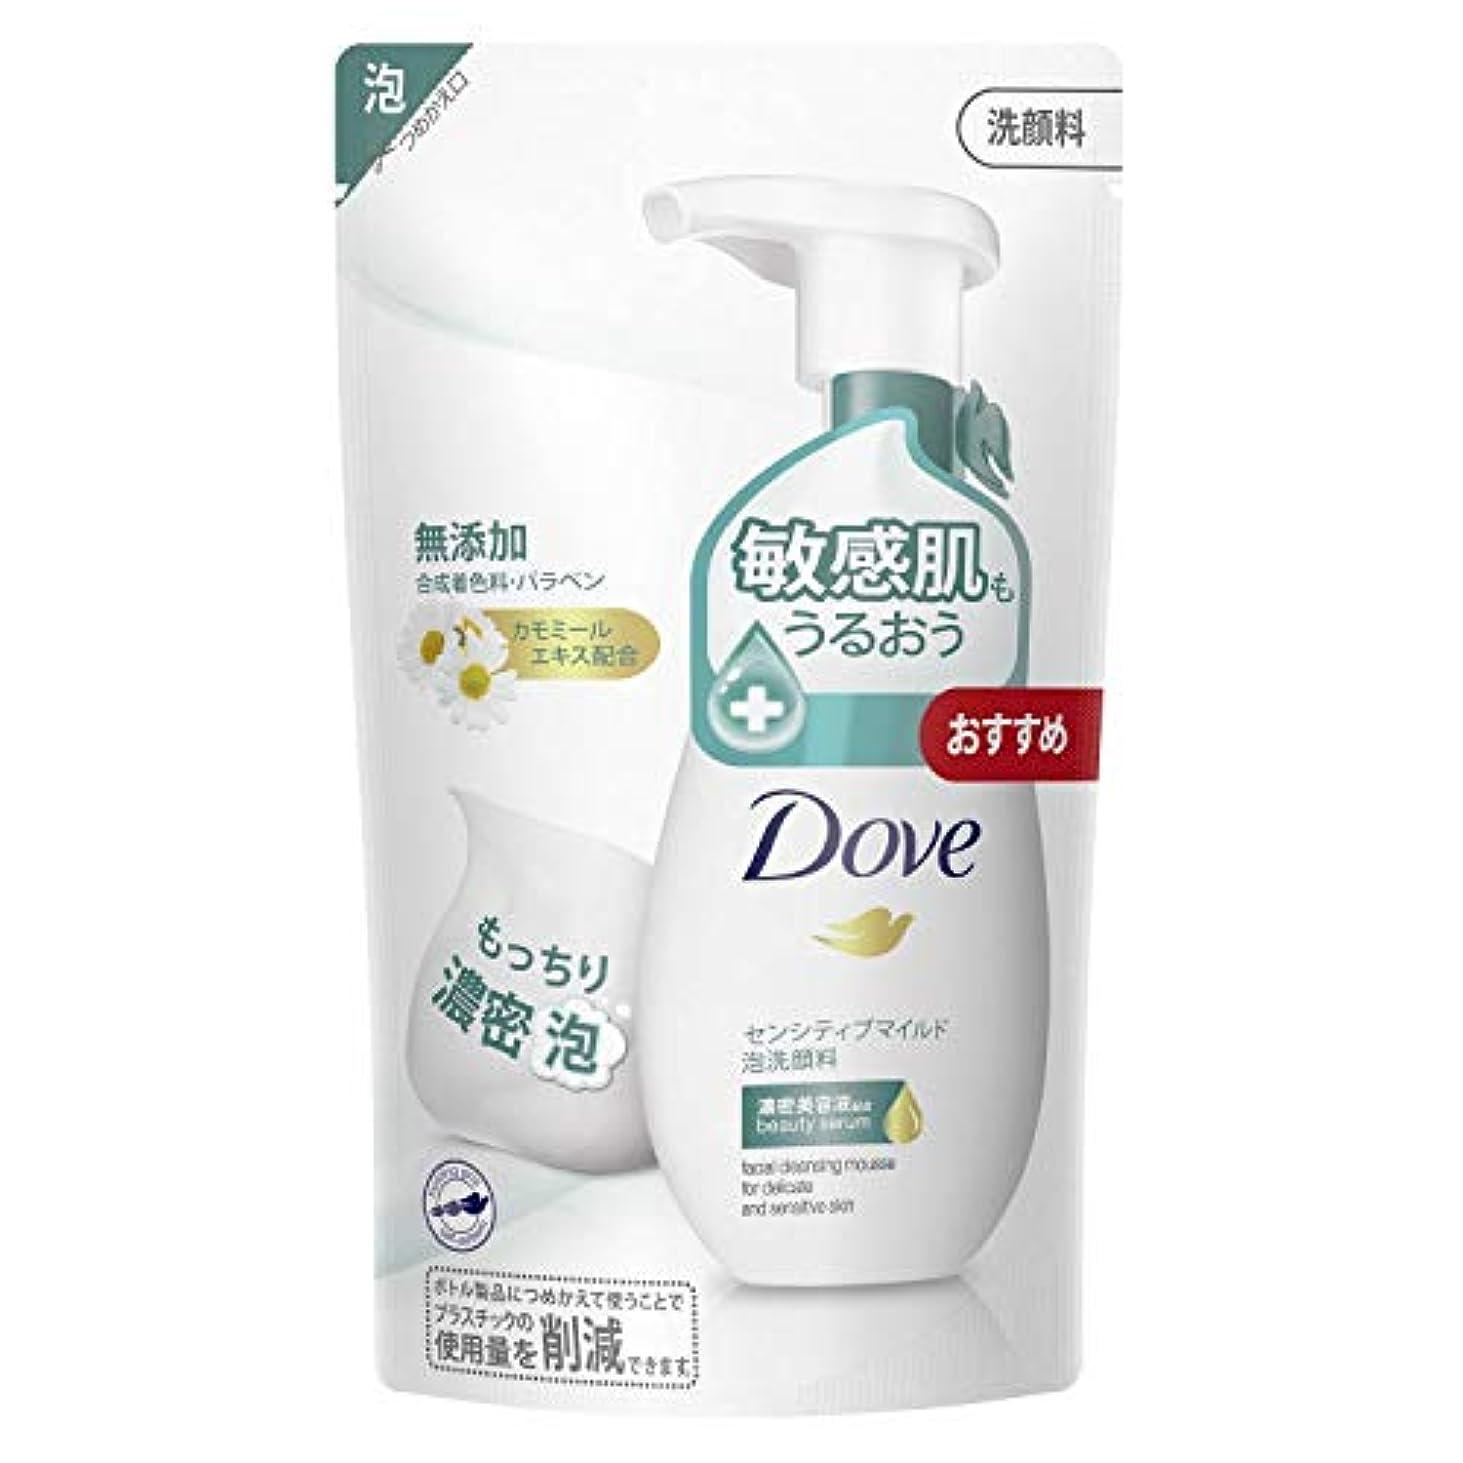 冬温度コミットメントダヴ センシティブマイルド クリーミー泡洗顔料 つめかえ用 敏感肌用 140mL